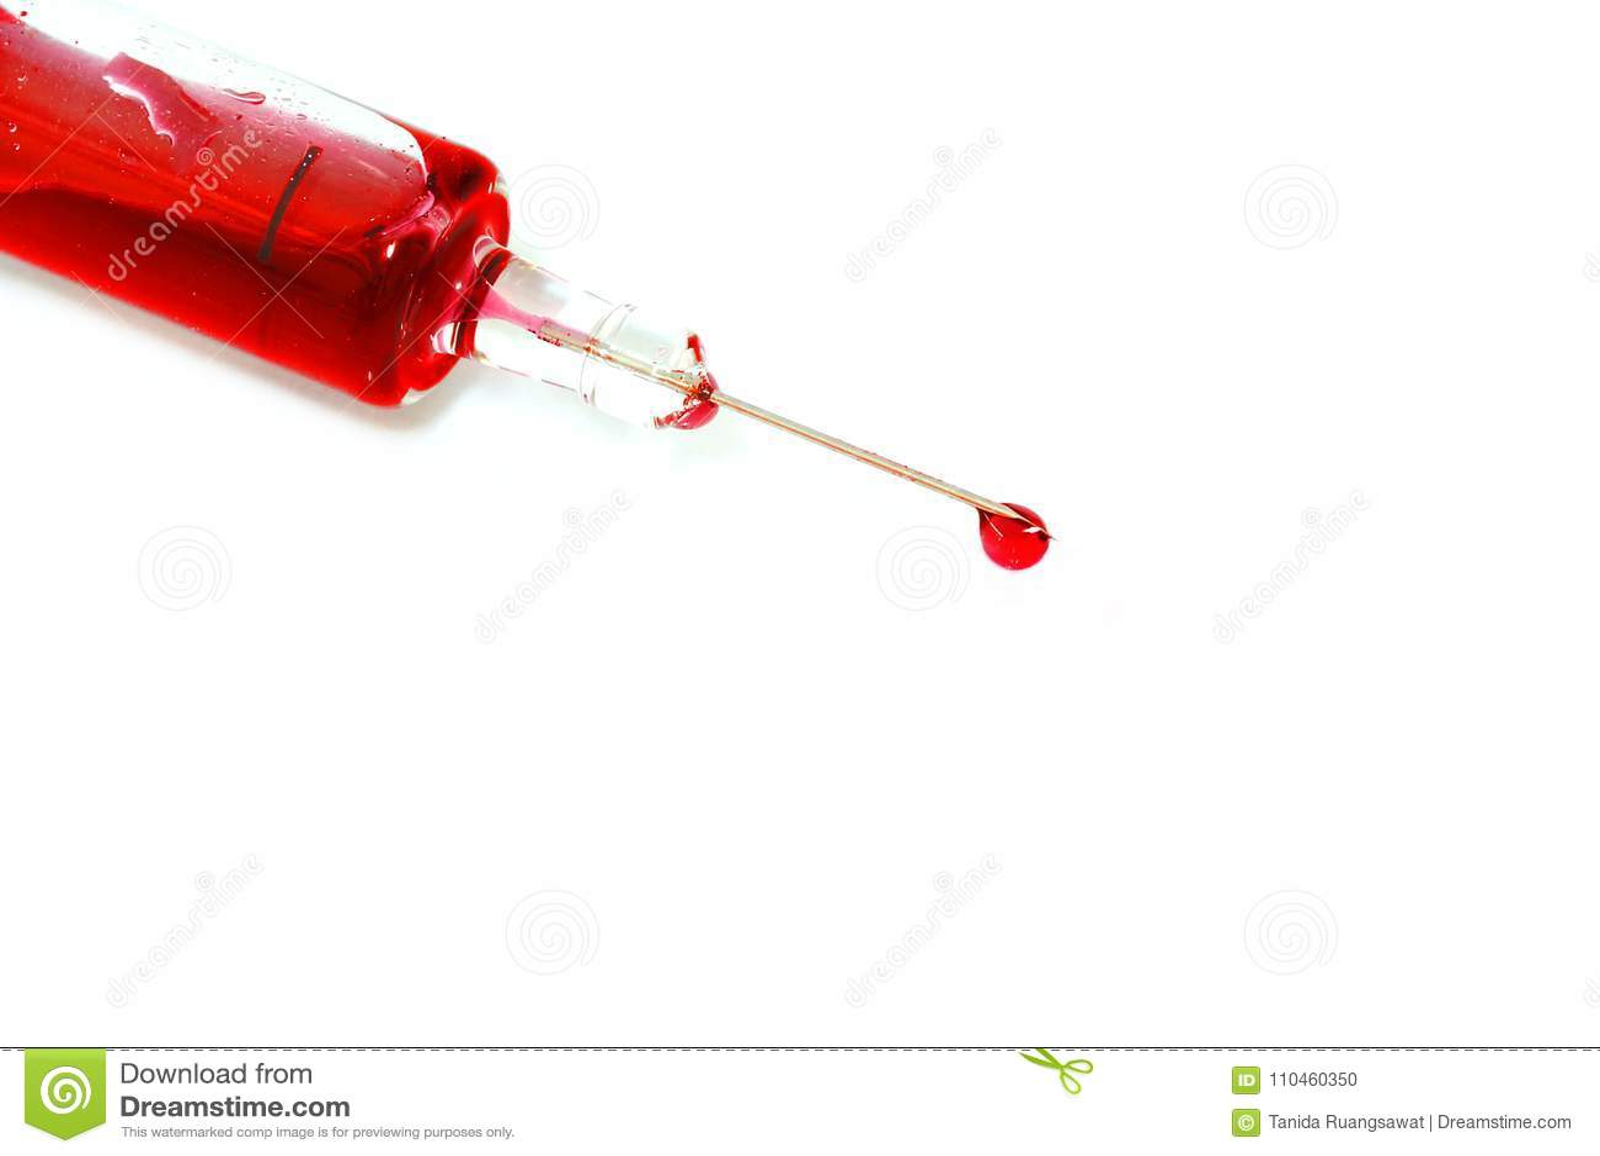 Isolerat rött blod i injektioninjektionsspruta har blodliten droppedroppe på slutet av visaren på vit bakgrund